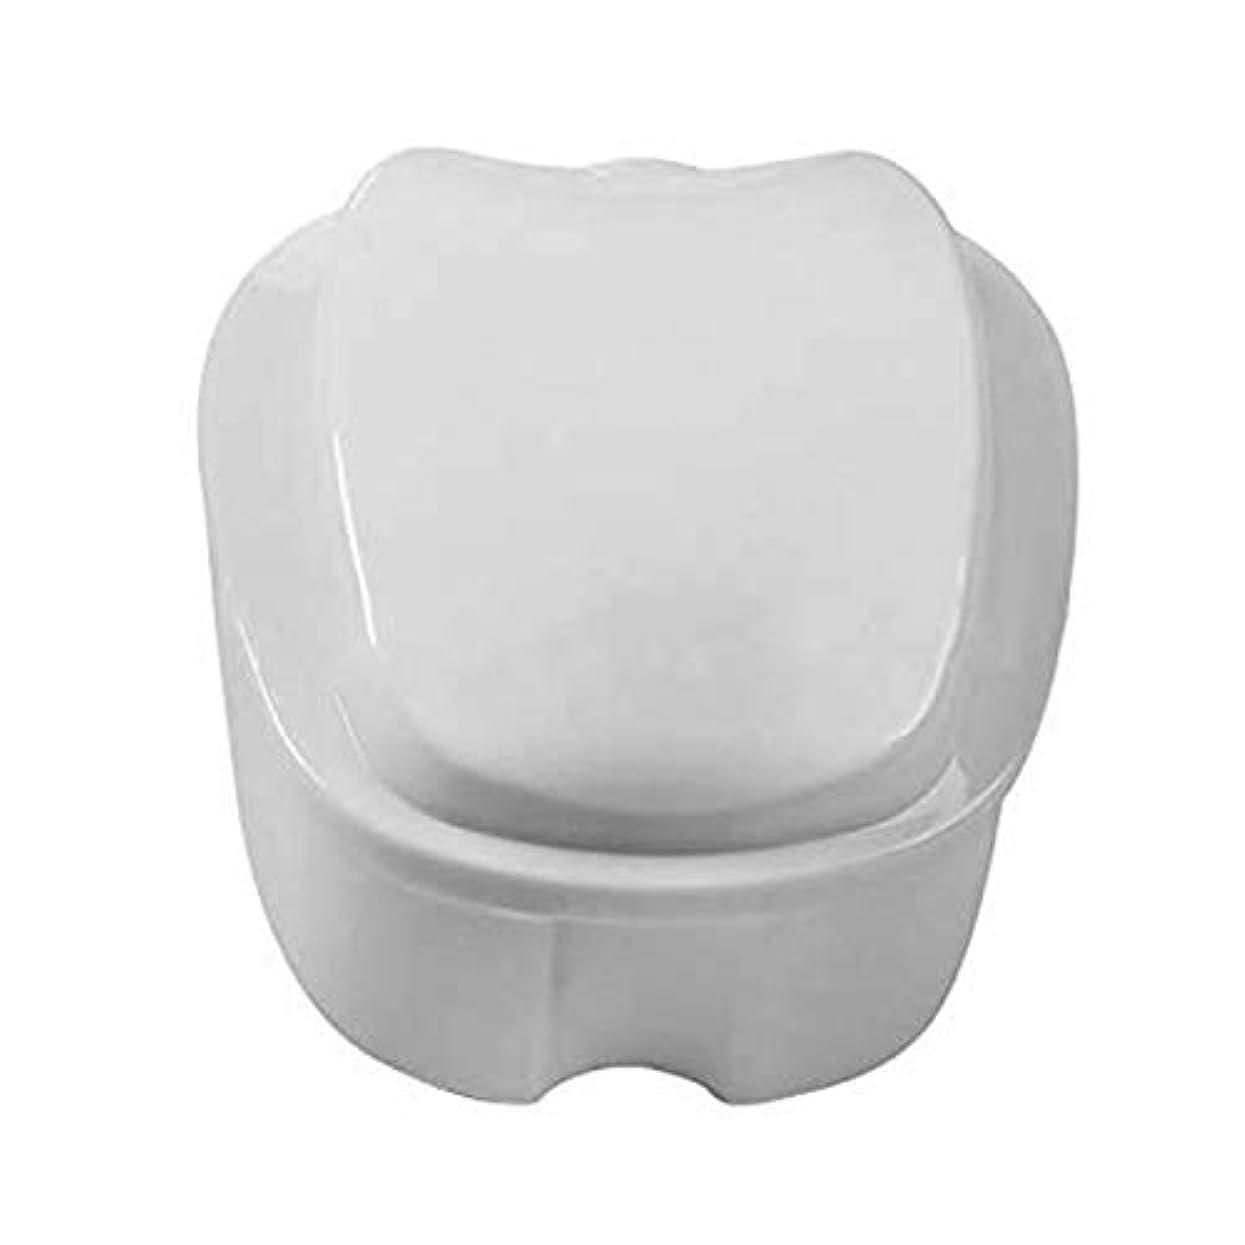 コンソール確認支払うCoiTek 入れ歯 ケース 義歯容器 家庭旅行用 ストレーナー付き(ホワイト)